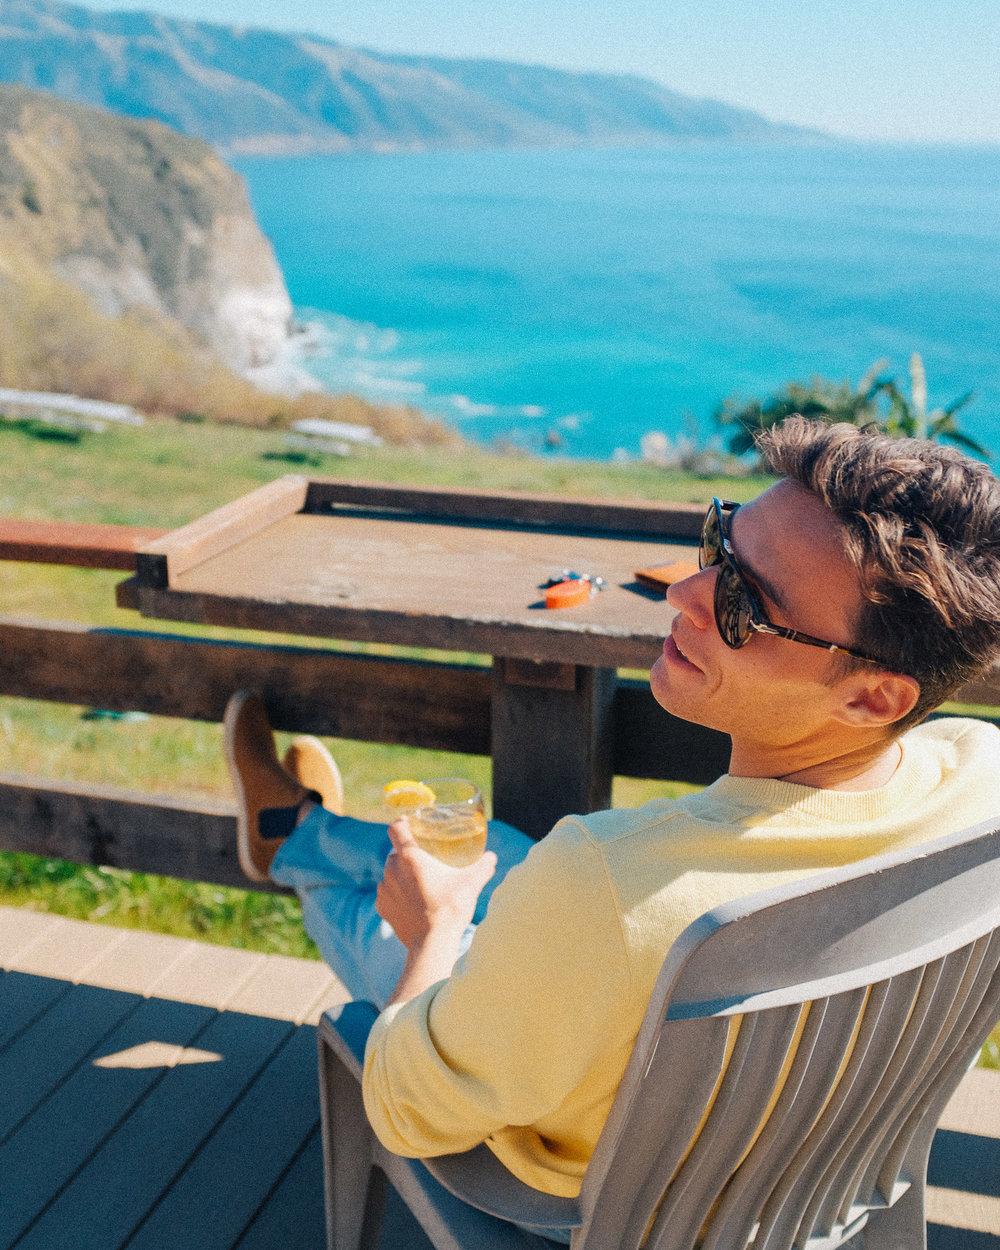 captainbarto-blog-adambartosheskymodel-viviankimphoto-nautica-bigsur-021917-1607.jpg